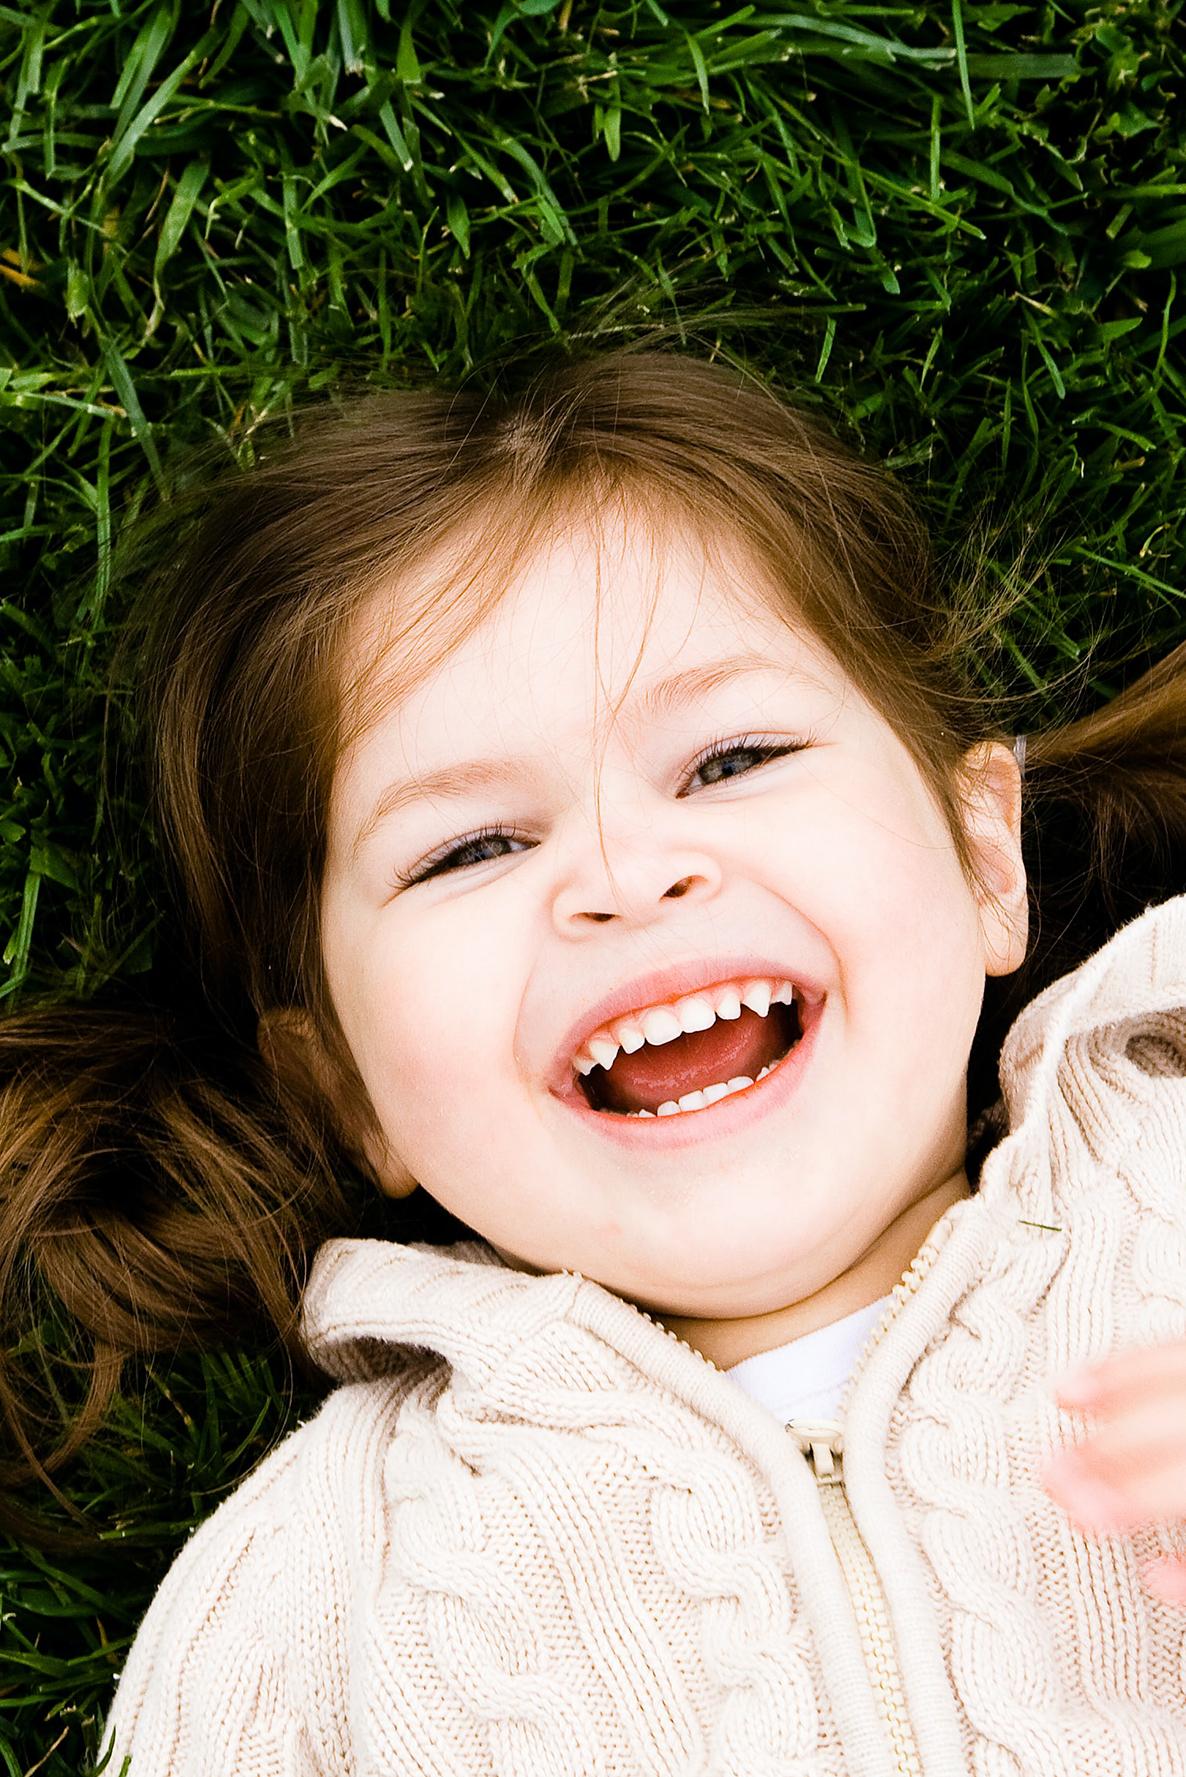 kleines Maedchen laechelt und zeigt Zaehne, Sinnbild fuer Kinderzahnheilkunde